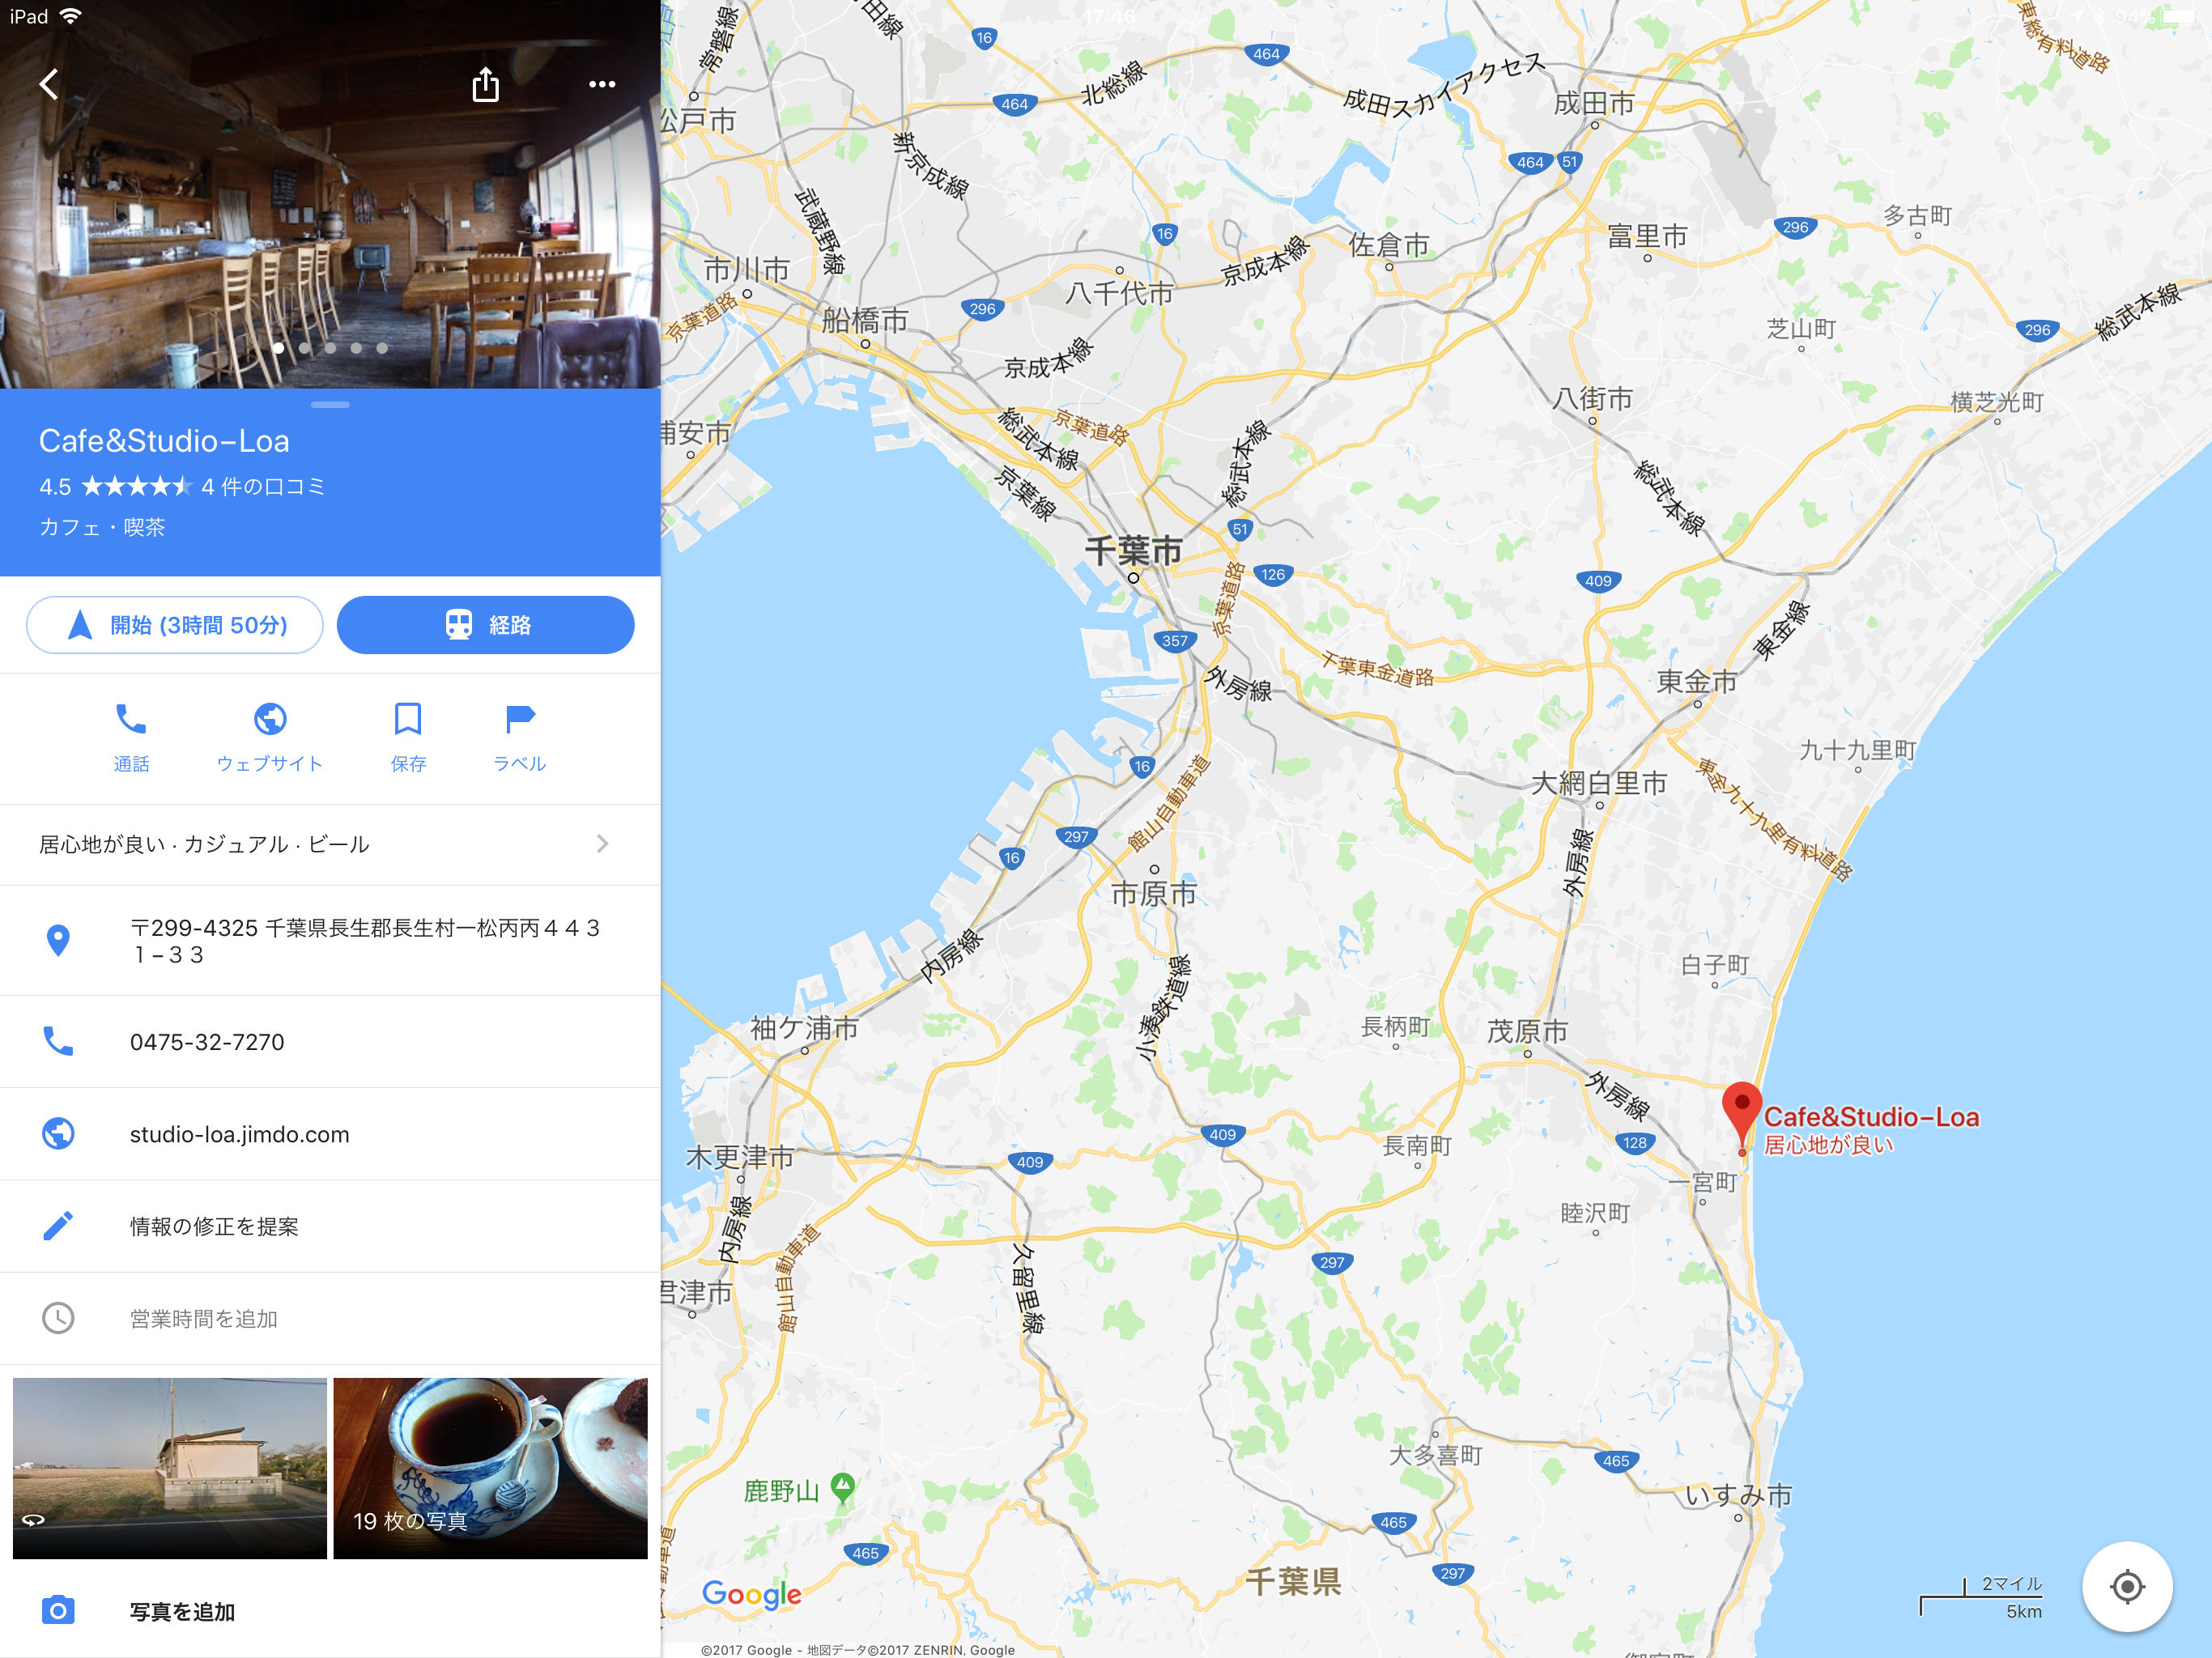 千葉九十九里リバーサイドビレッジロア 地図アクセス